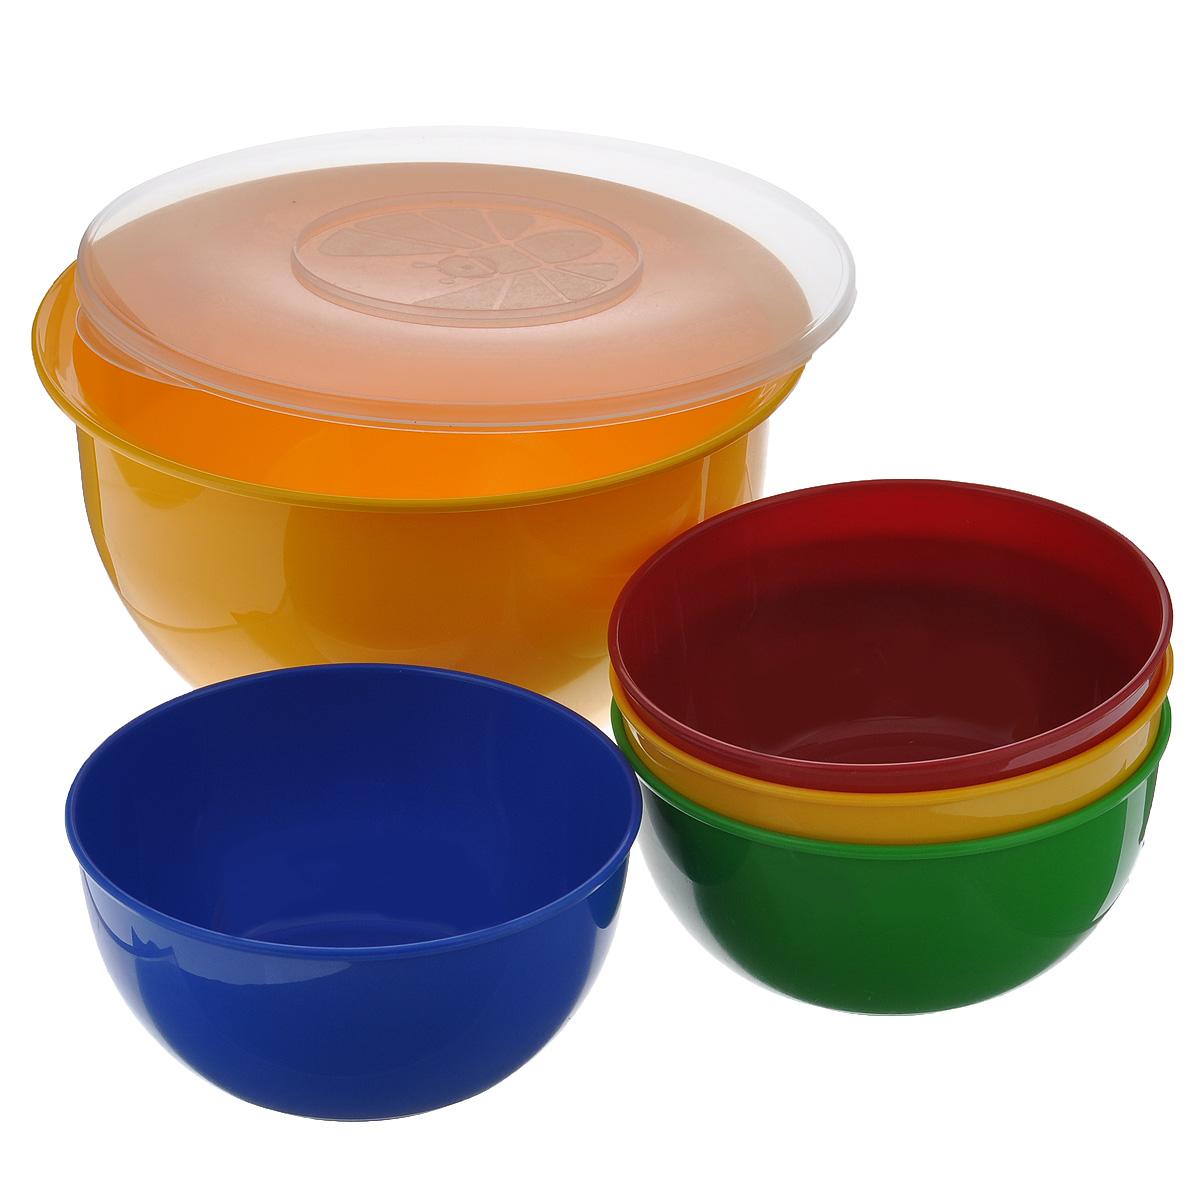 Набор посуды Solaris, 5 предметов41254413В состав набора Solaris входит 4 универсальные миски и большая миска с герметичной крышкой. Большую миску можно использовать как пищевой контейнер, для приготовления салата, мариновки шашлыка и т.п.Свойства посуды:Посуда из ударопрочного пищевого полипропилена предназначена для многократного использования. Легкая, прочная и износостойкая, экологически чистая, эта посуда работает в диапазоне температур от -25°С до +110°С. Можно мыть в посудомоечной машине. Эта посуда также обеспечивает:Хранение горячих и холодных пищевых продуктов;Разогрев продуктов в микроволновой печи;Приготовление пищи в микроволновой печи на пару (пароварка);Хранение продуктов в холодильной и морозильной камере;Кипячение воды с помощью электрокипятильника.Объем большой миски: 3 л.Диаметр большой миски: 22,5 см.Высота большой миски: 12,7 см.Объем небольших мисок: 0,6 л.Диаметр небольших мисок: 15,3 см.Высота небольших мисок: 7,5 см.